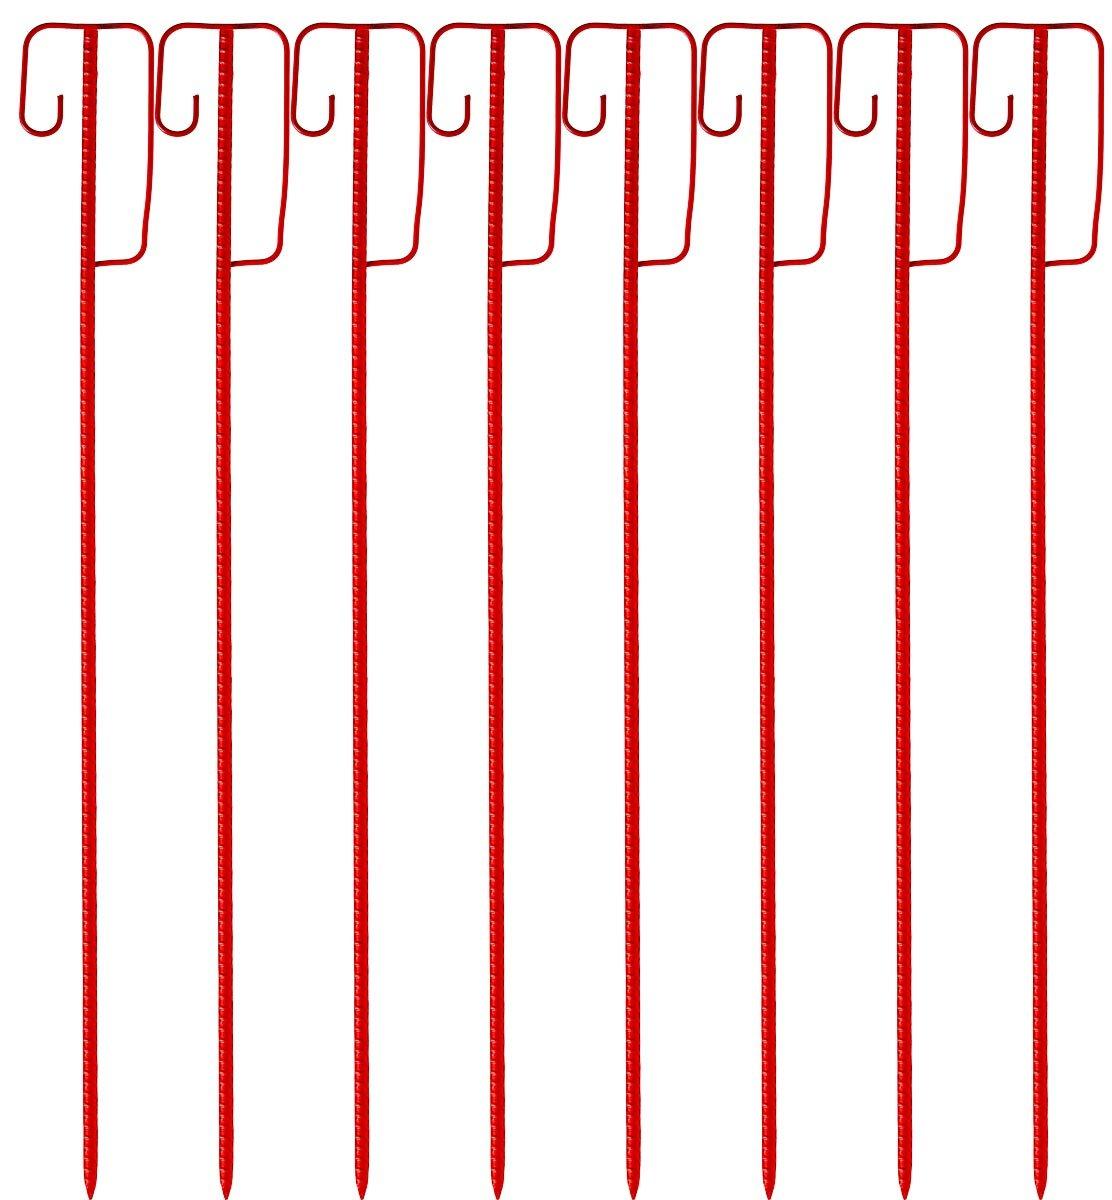 rot 2. Wahl Absperrleinenhalter rote Laterneneisen 1225 x 14mm mit UVV Sicherheitsb/ügel sehr einfache zweckm/ä/ßige Tauchlackierung 8 St/ück Set